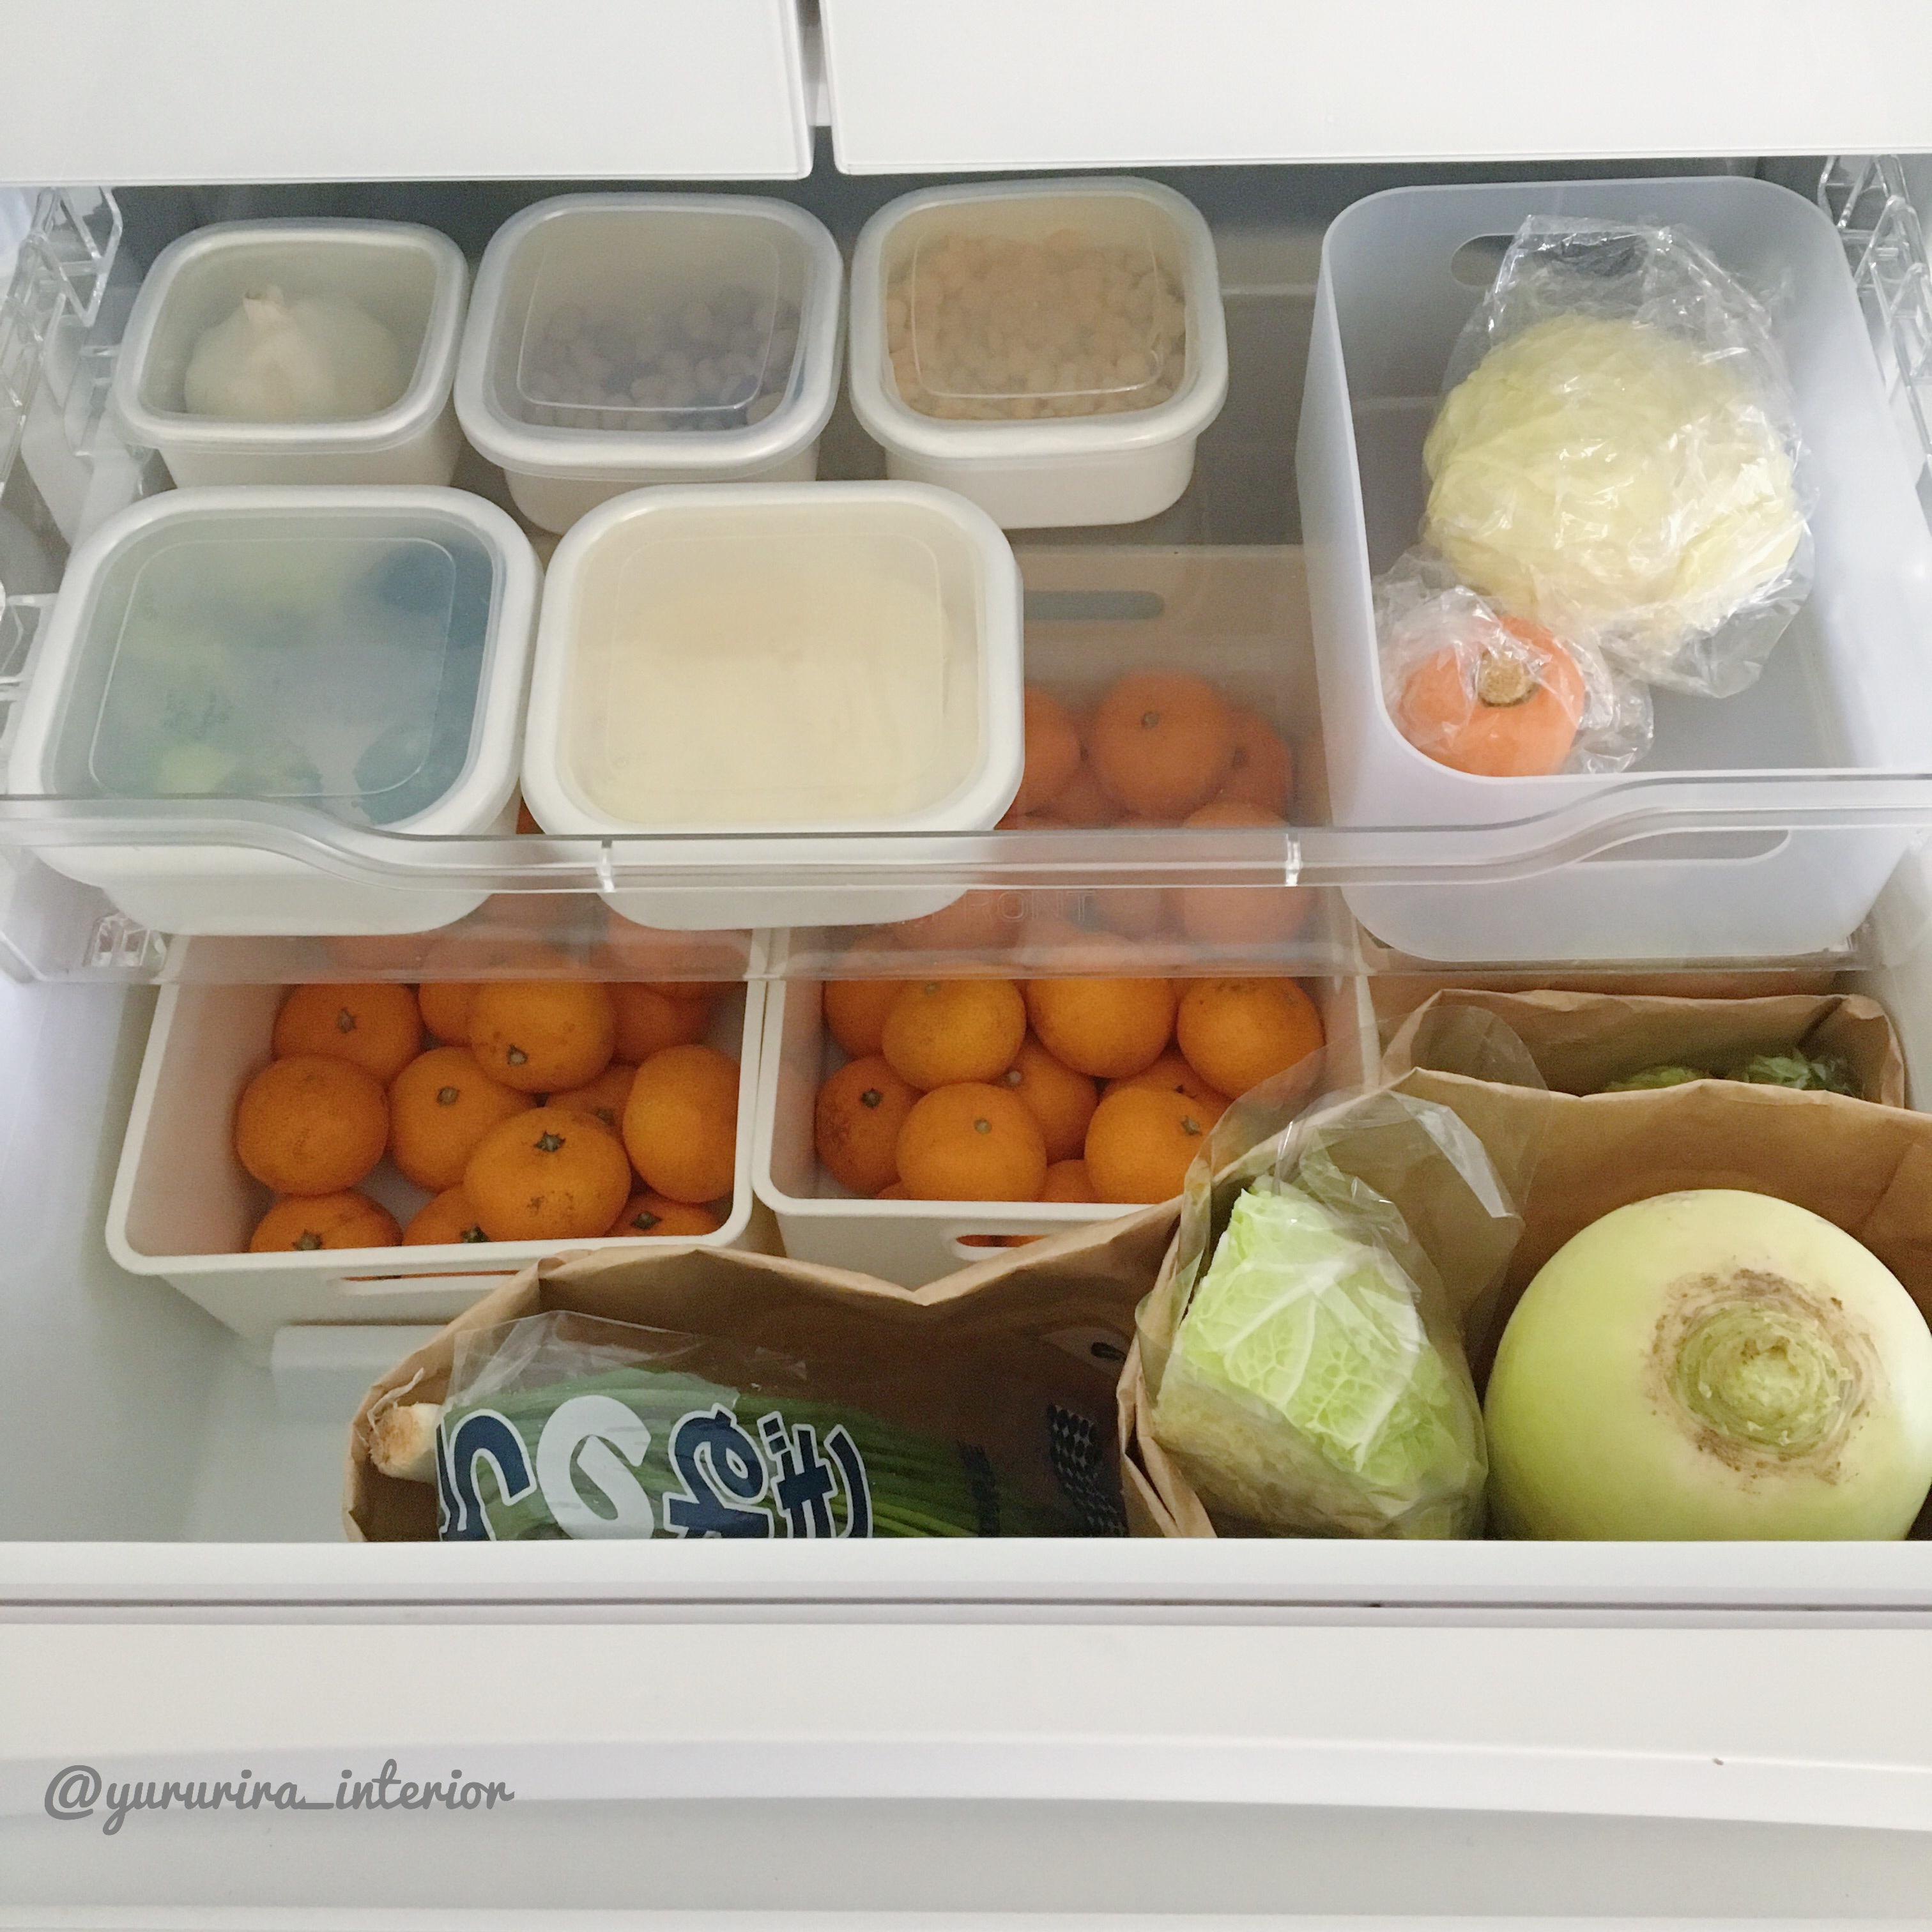 楽天で買った完売極甘みかんと我が家の冷蔵庫野菜室